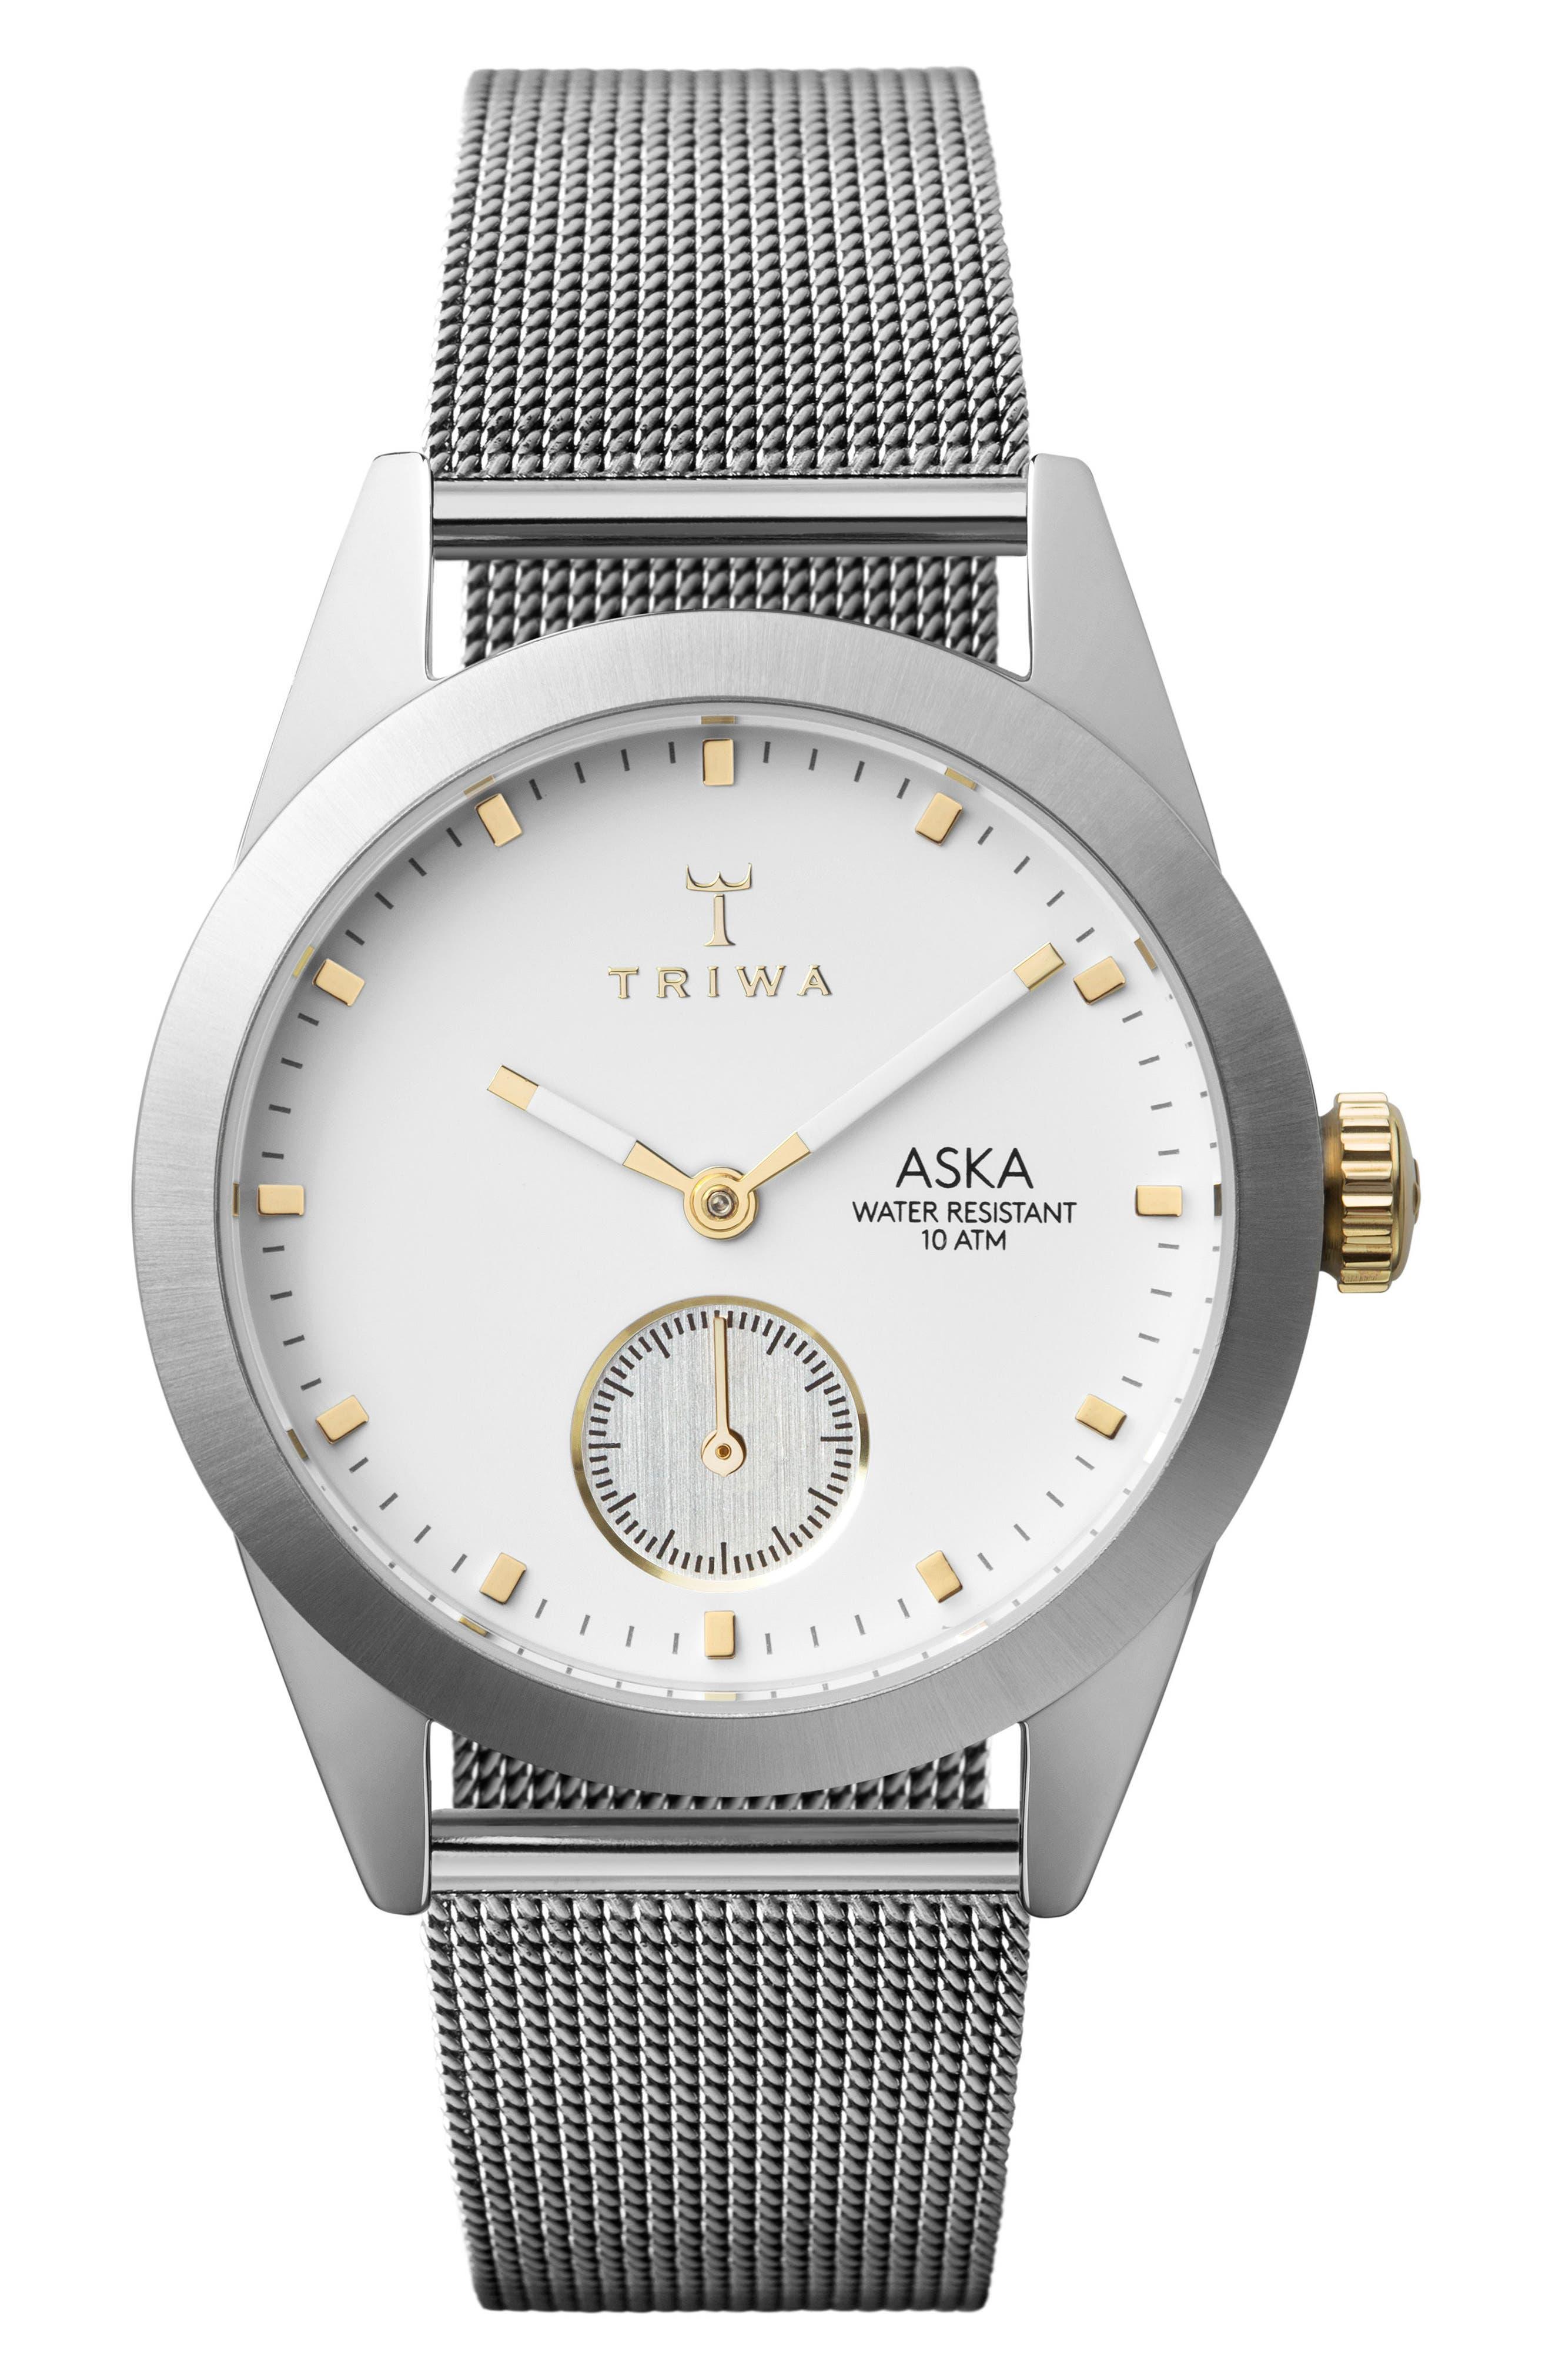 Main Image - TRIWA Aska Mesh Strap Watch, 32mm